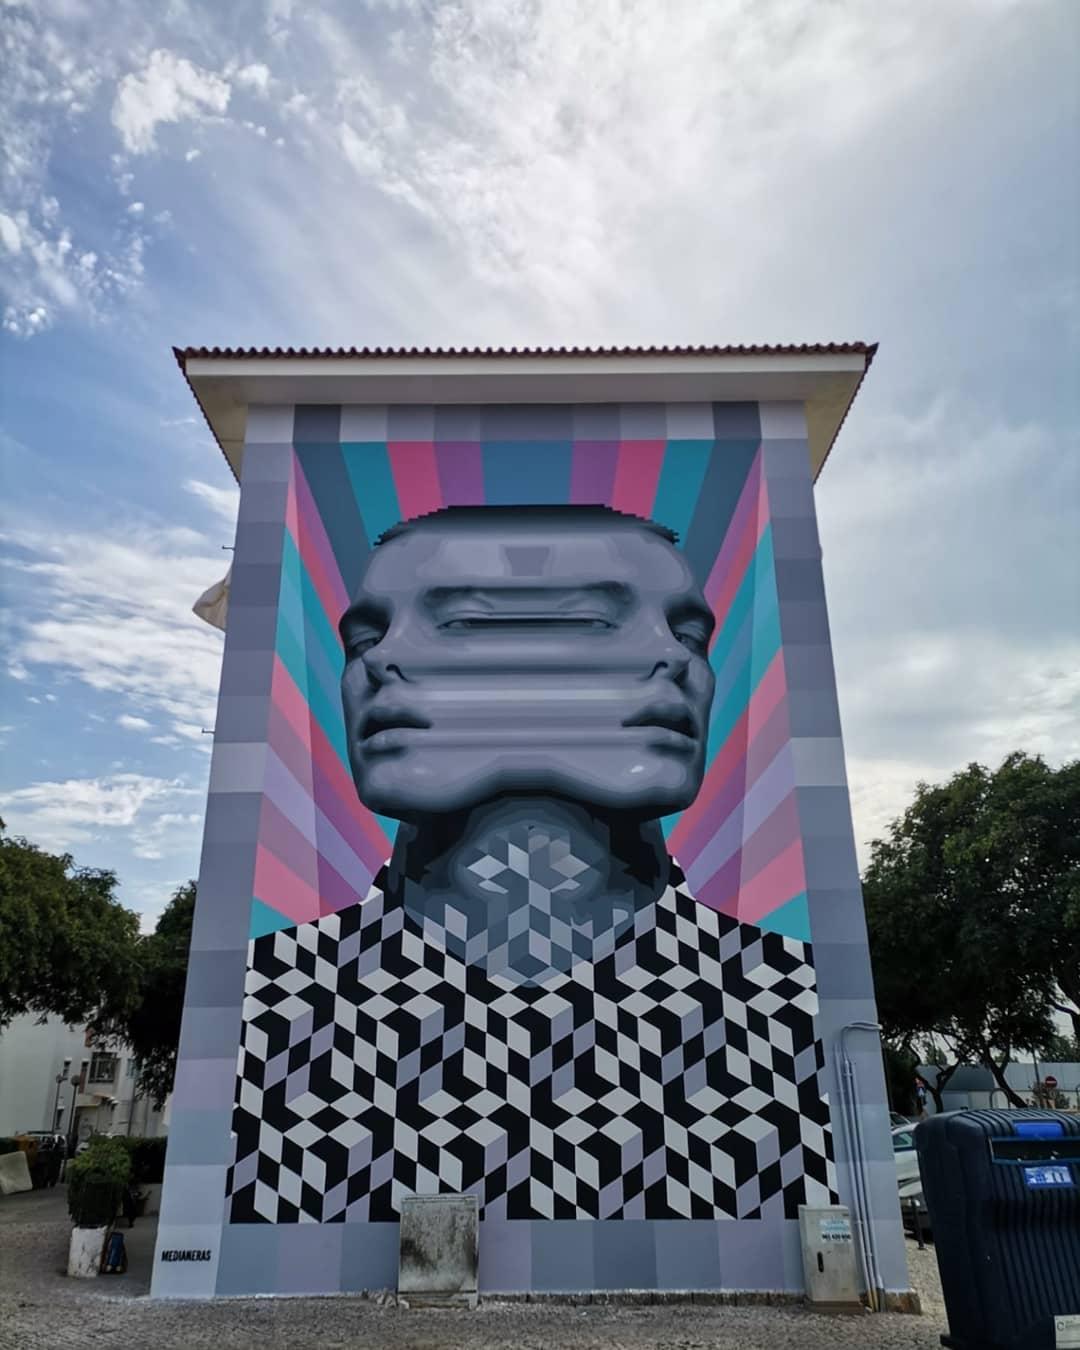 Medianeras @ Lisbon, Portugal